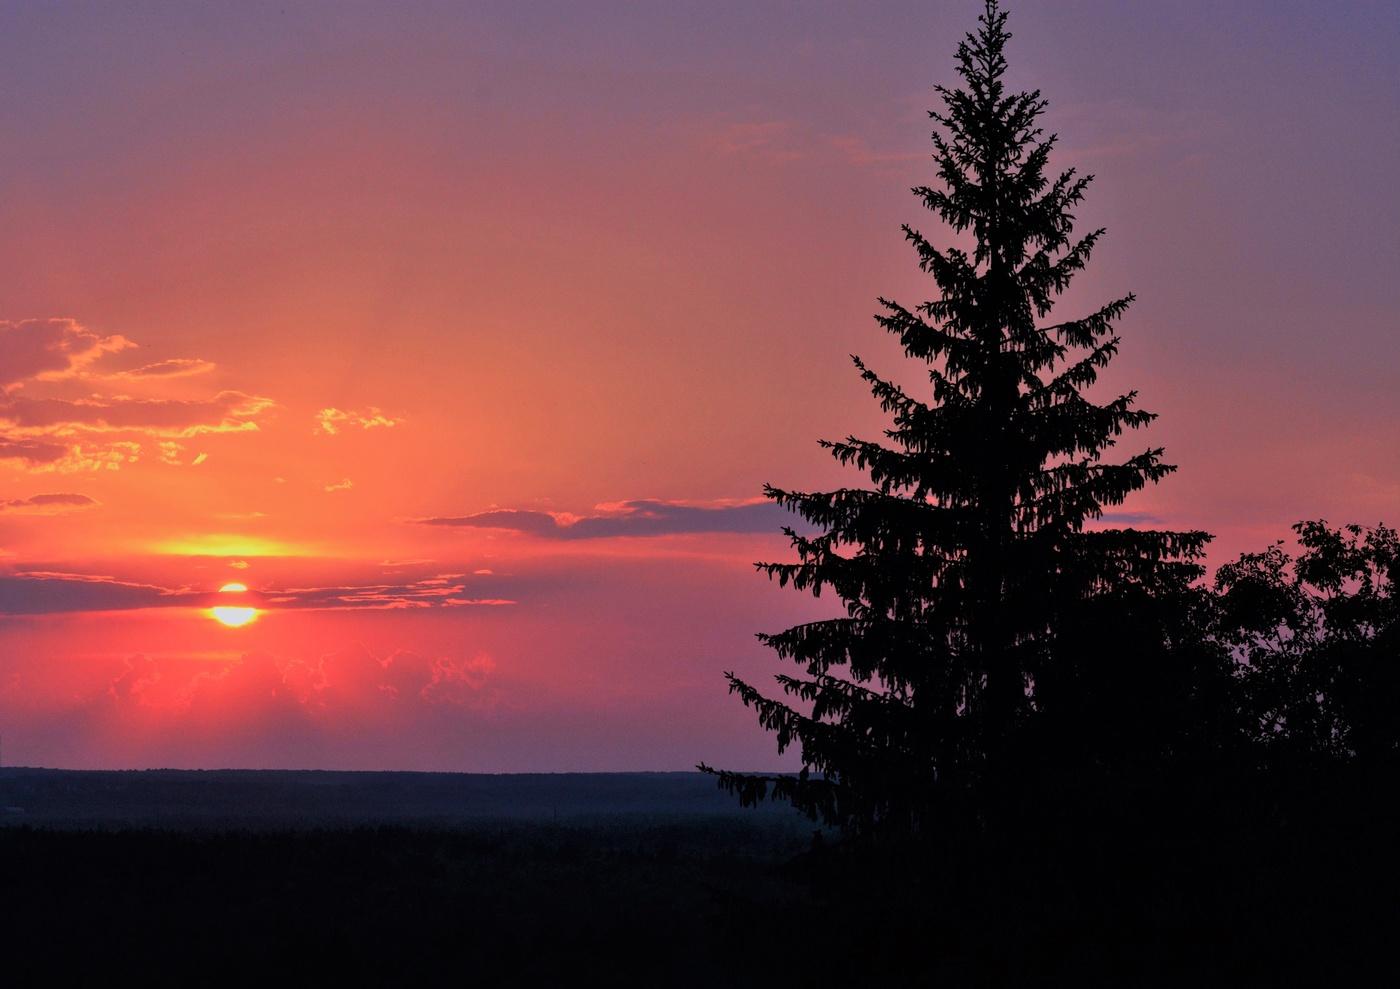 разочарованию рассвет и елка летом фото стал инициатором введения